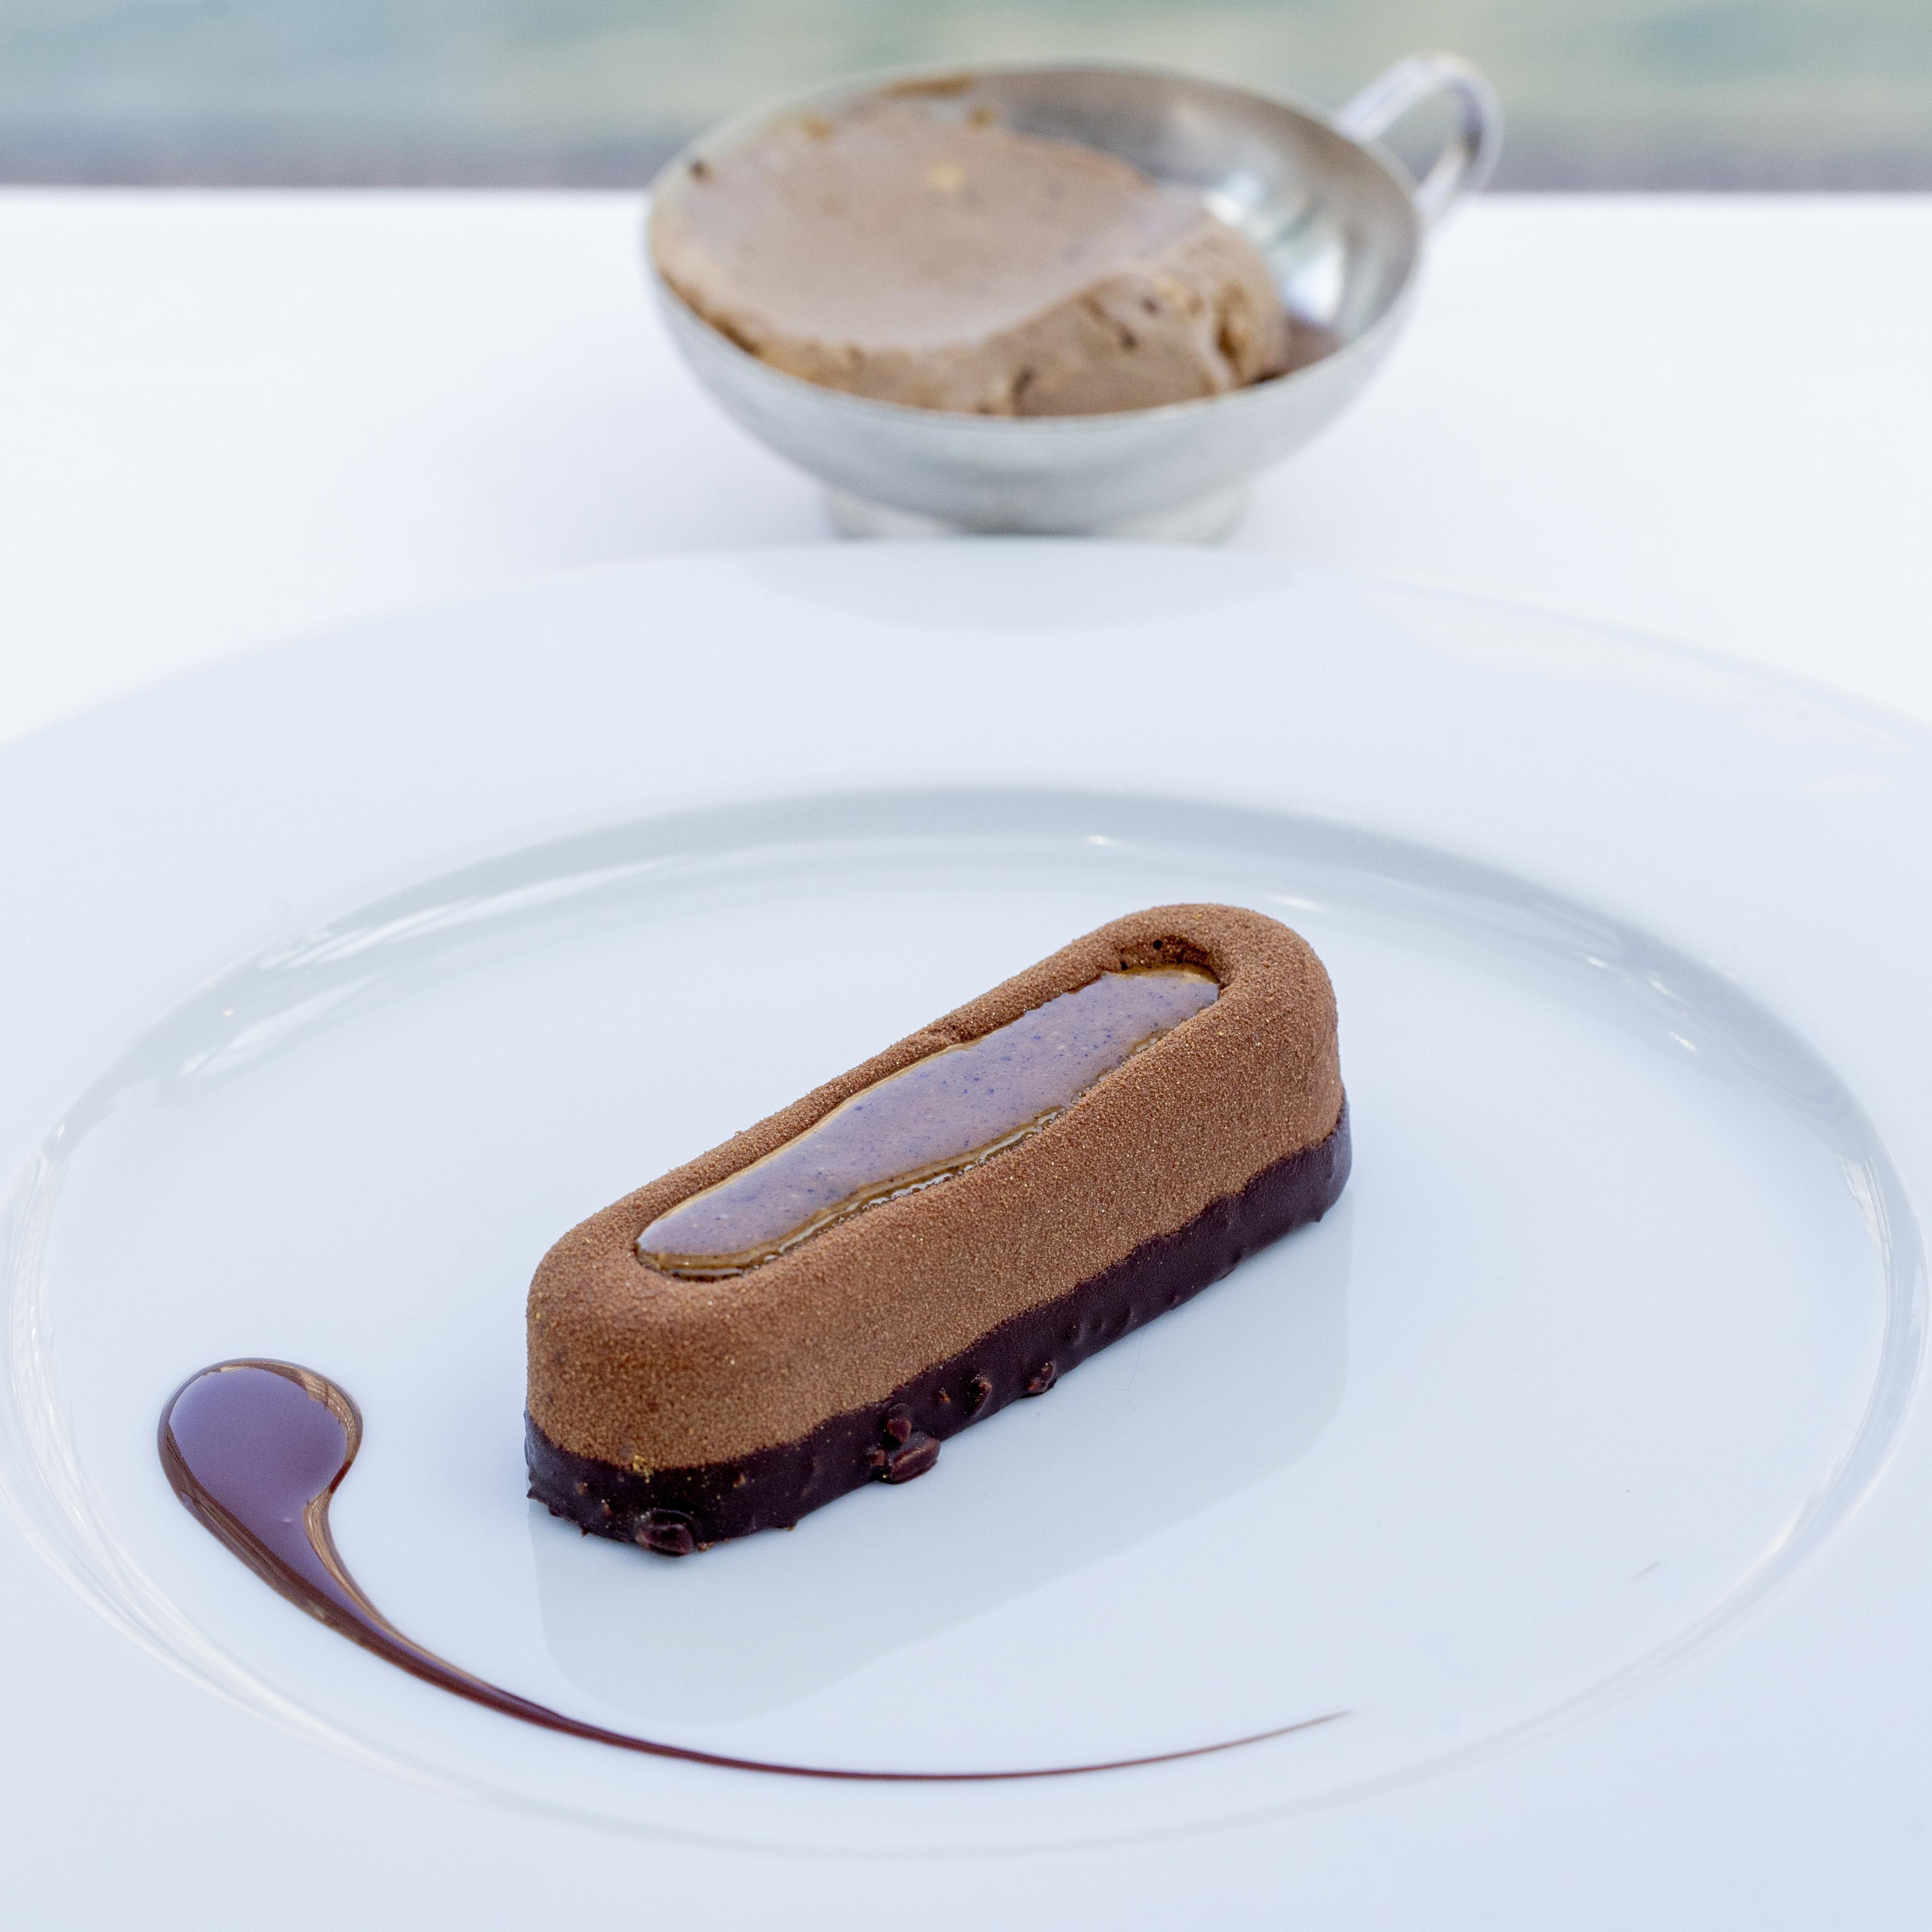 Paris tout chocolat au croustillant de pralin ©pmonetta 8997 low res